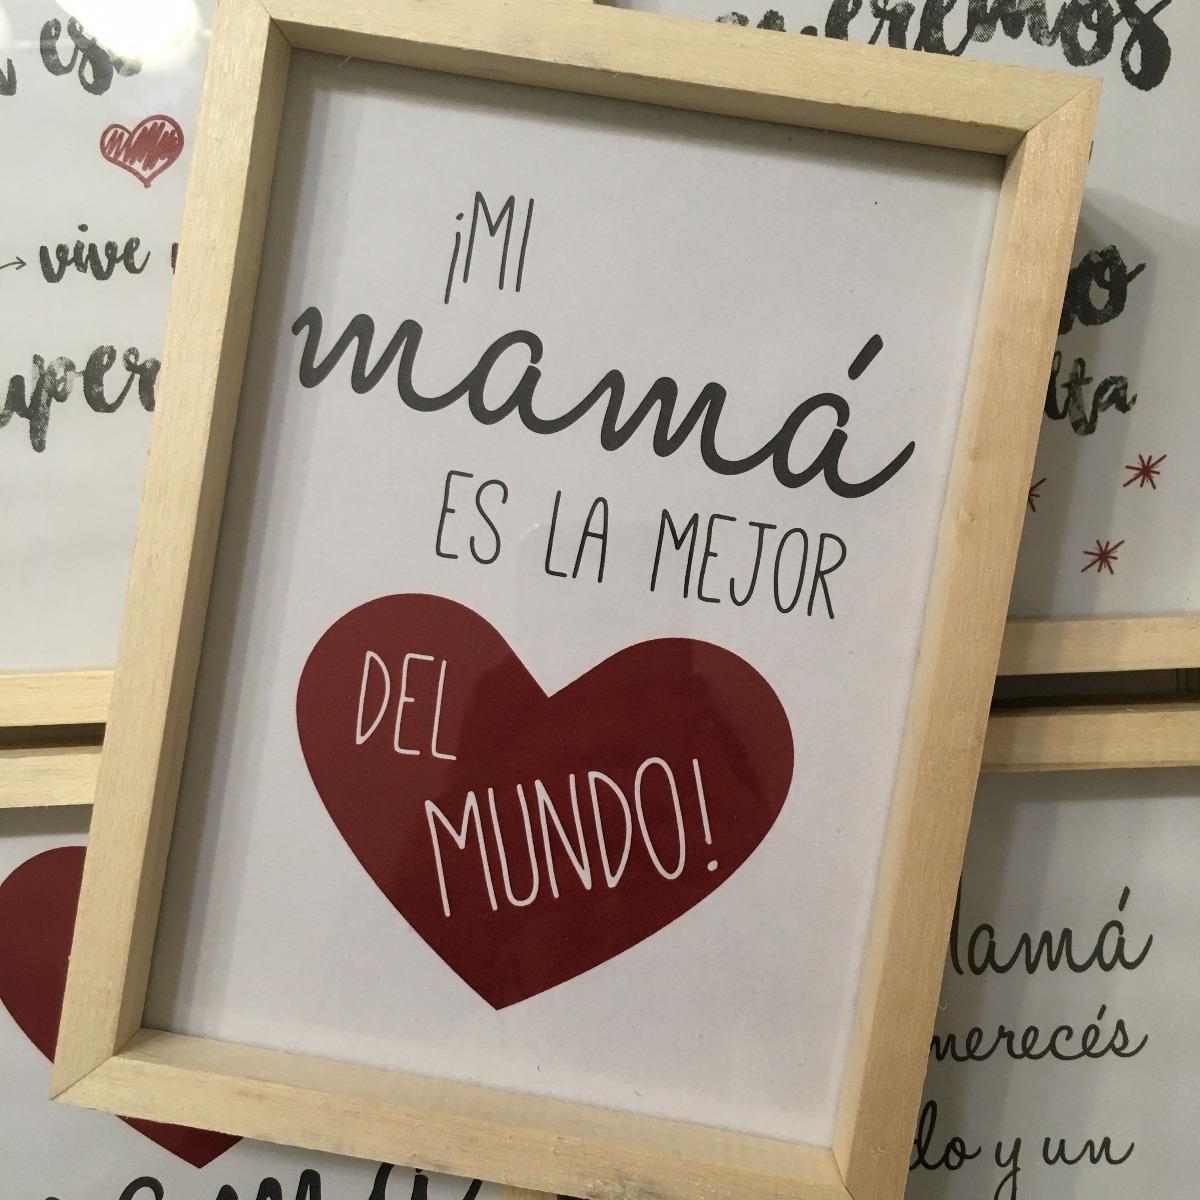 Cuadritos Cuadros Día De La Madre Marco Box Madera 13x18 Cm - $ 240 ...